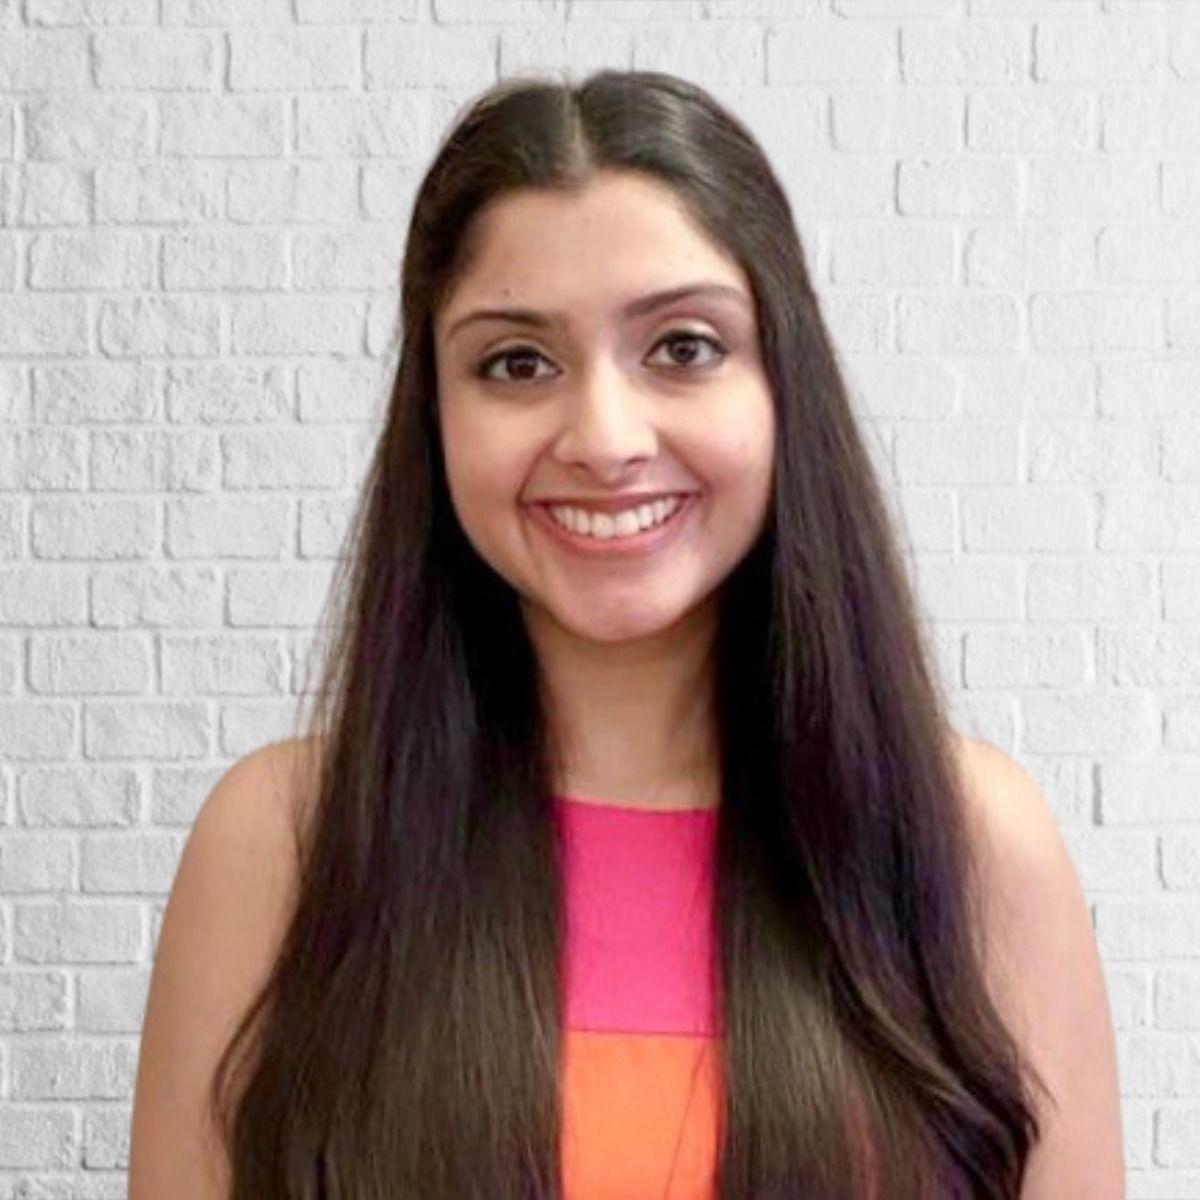 Shreyaa Khemka's Headshot